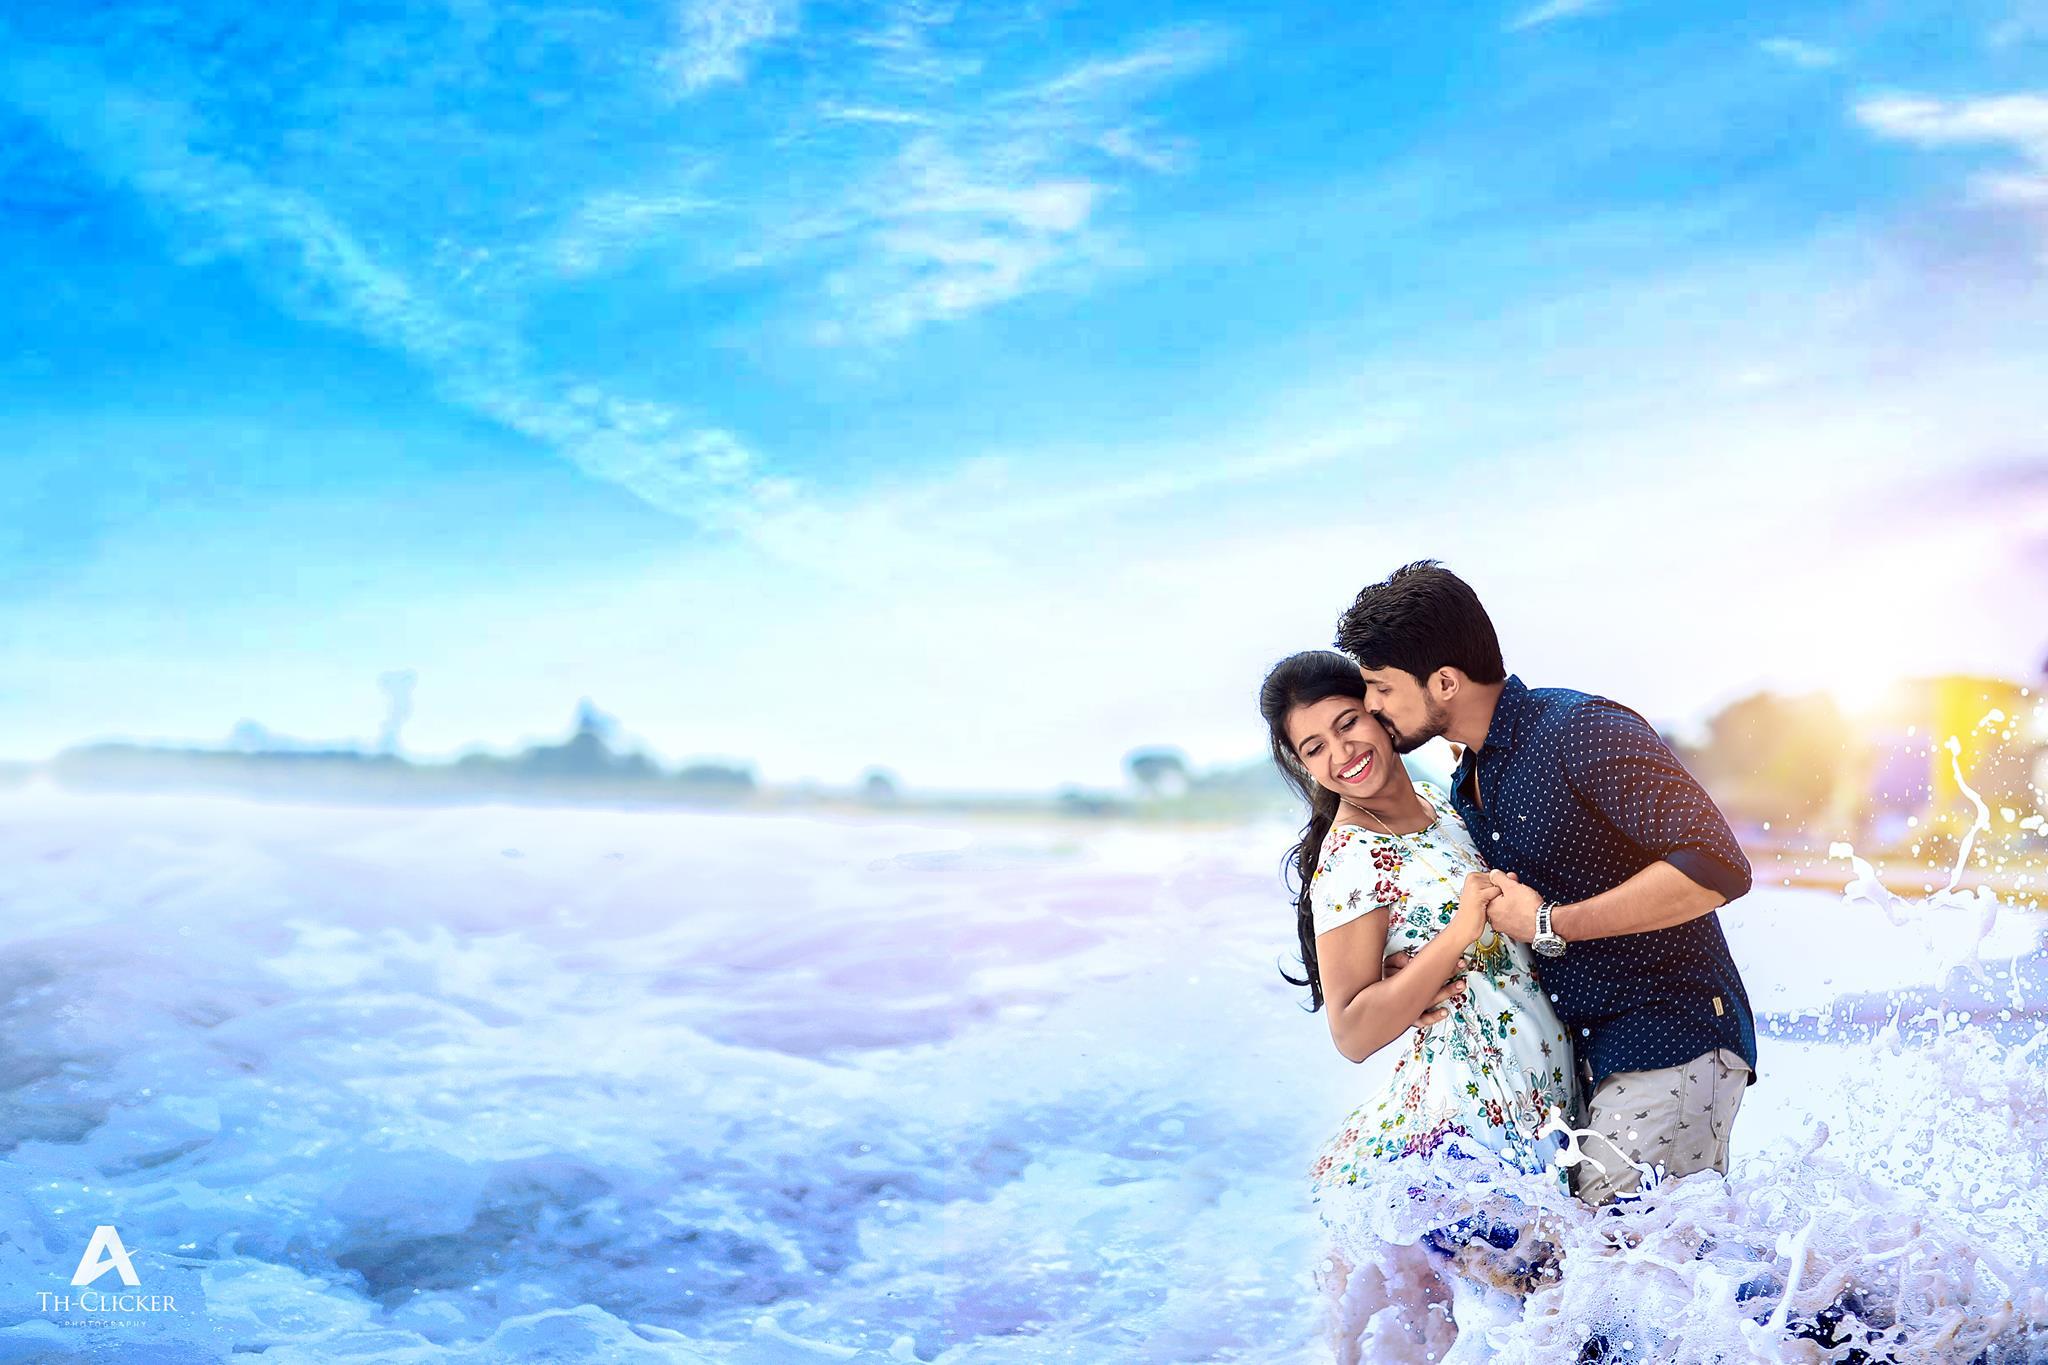 A kiss in water splash